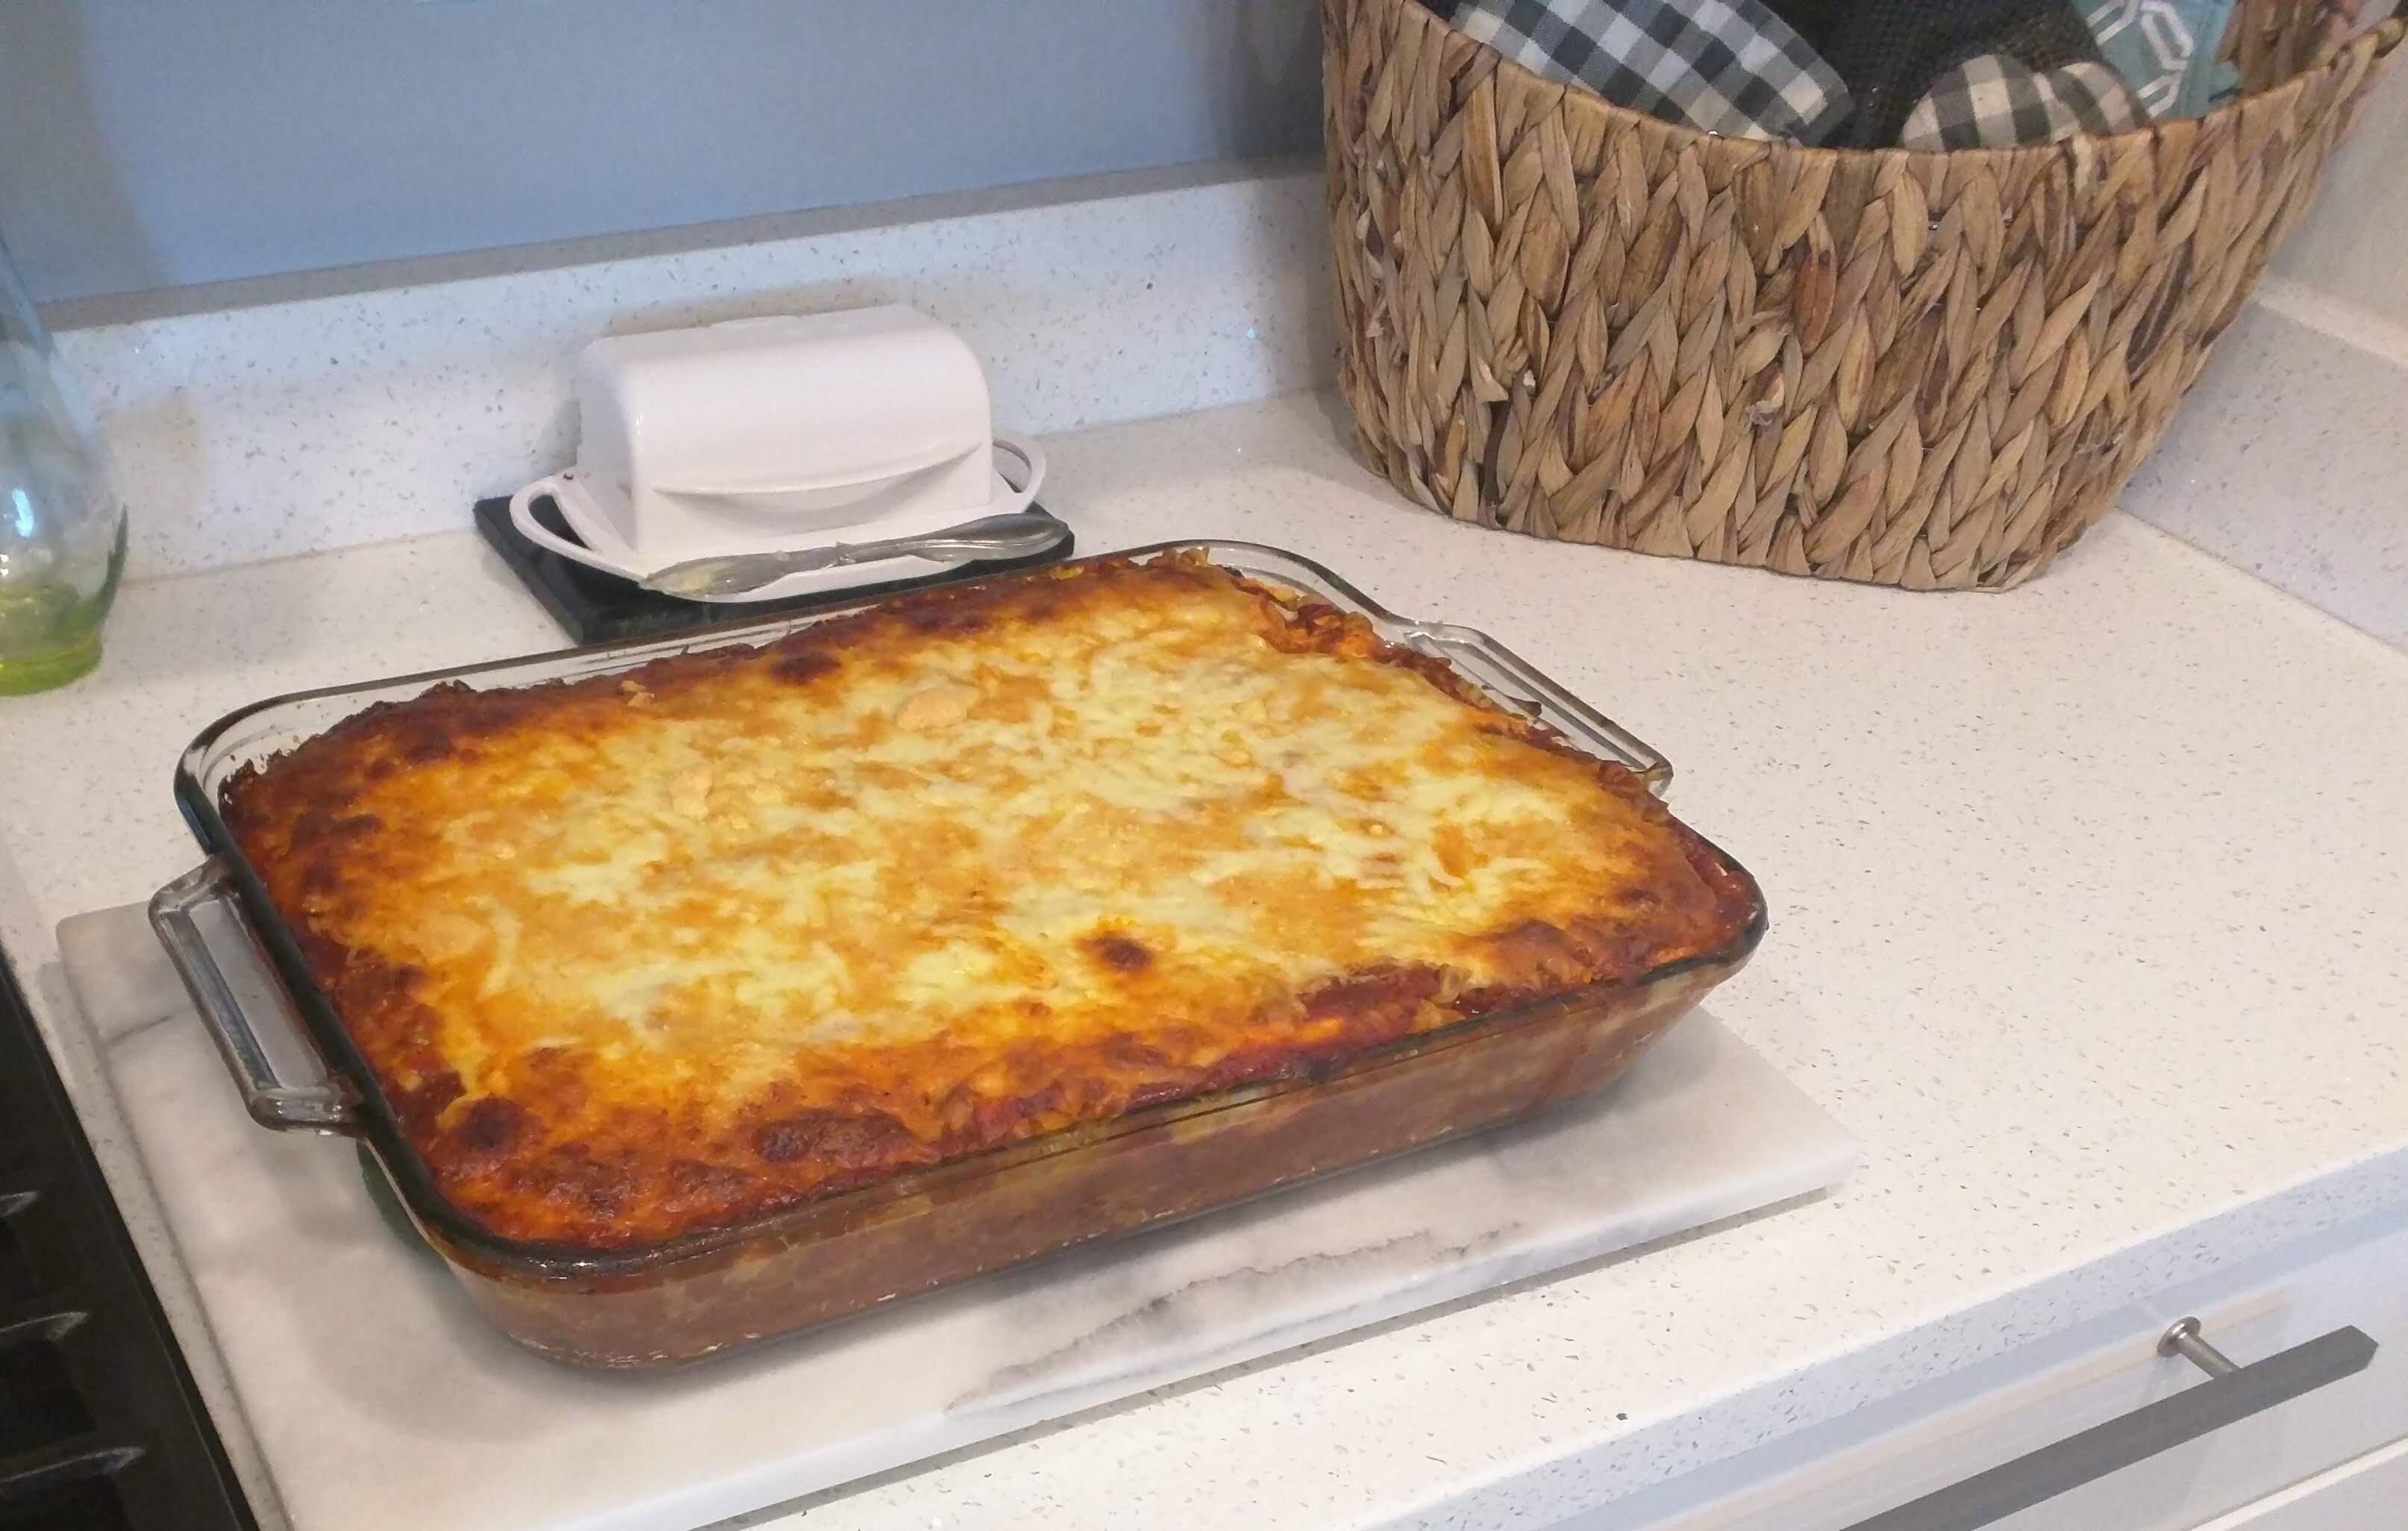 chef johns lasagna